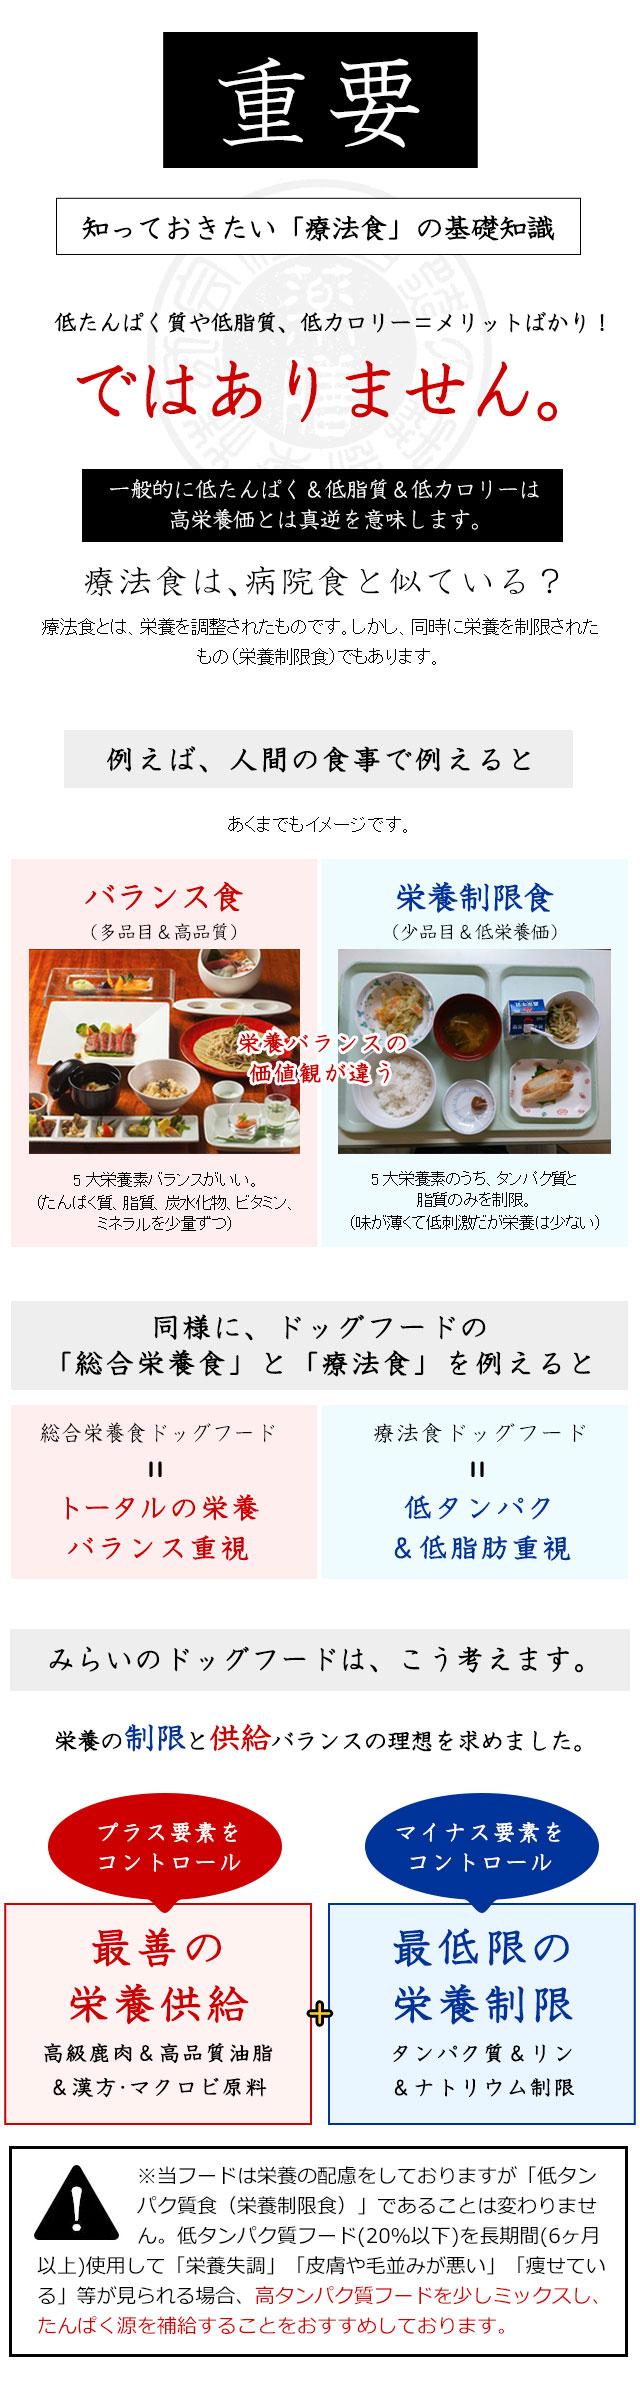 膵臓 に いい 食べ物